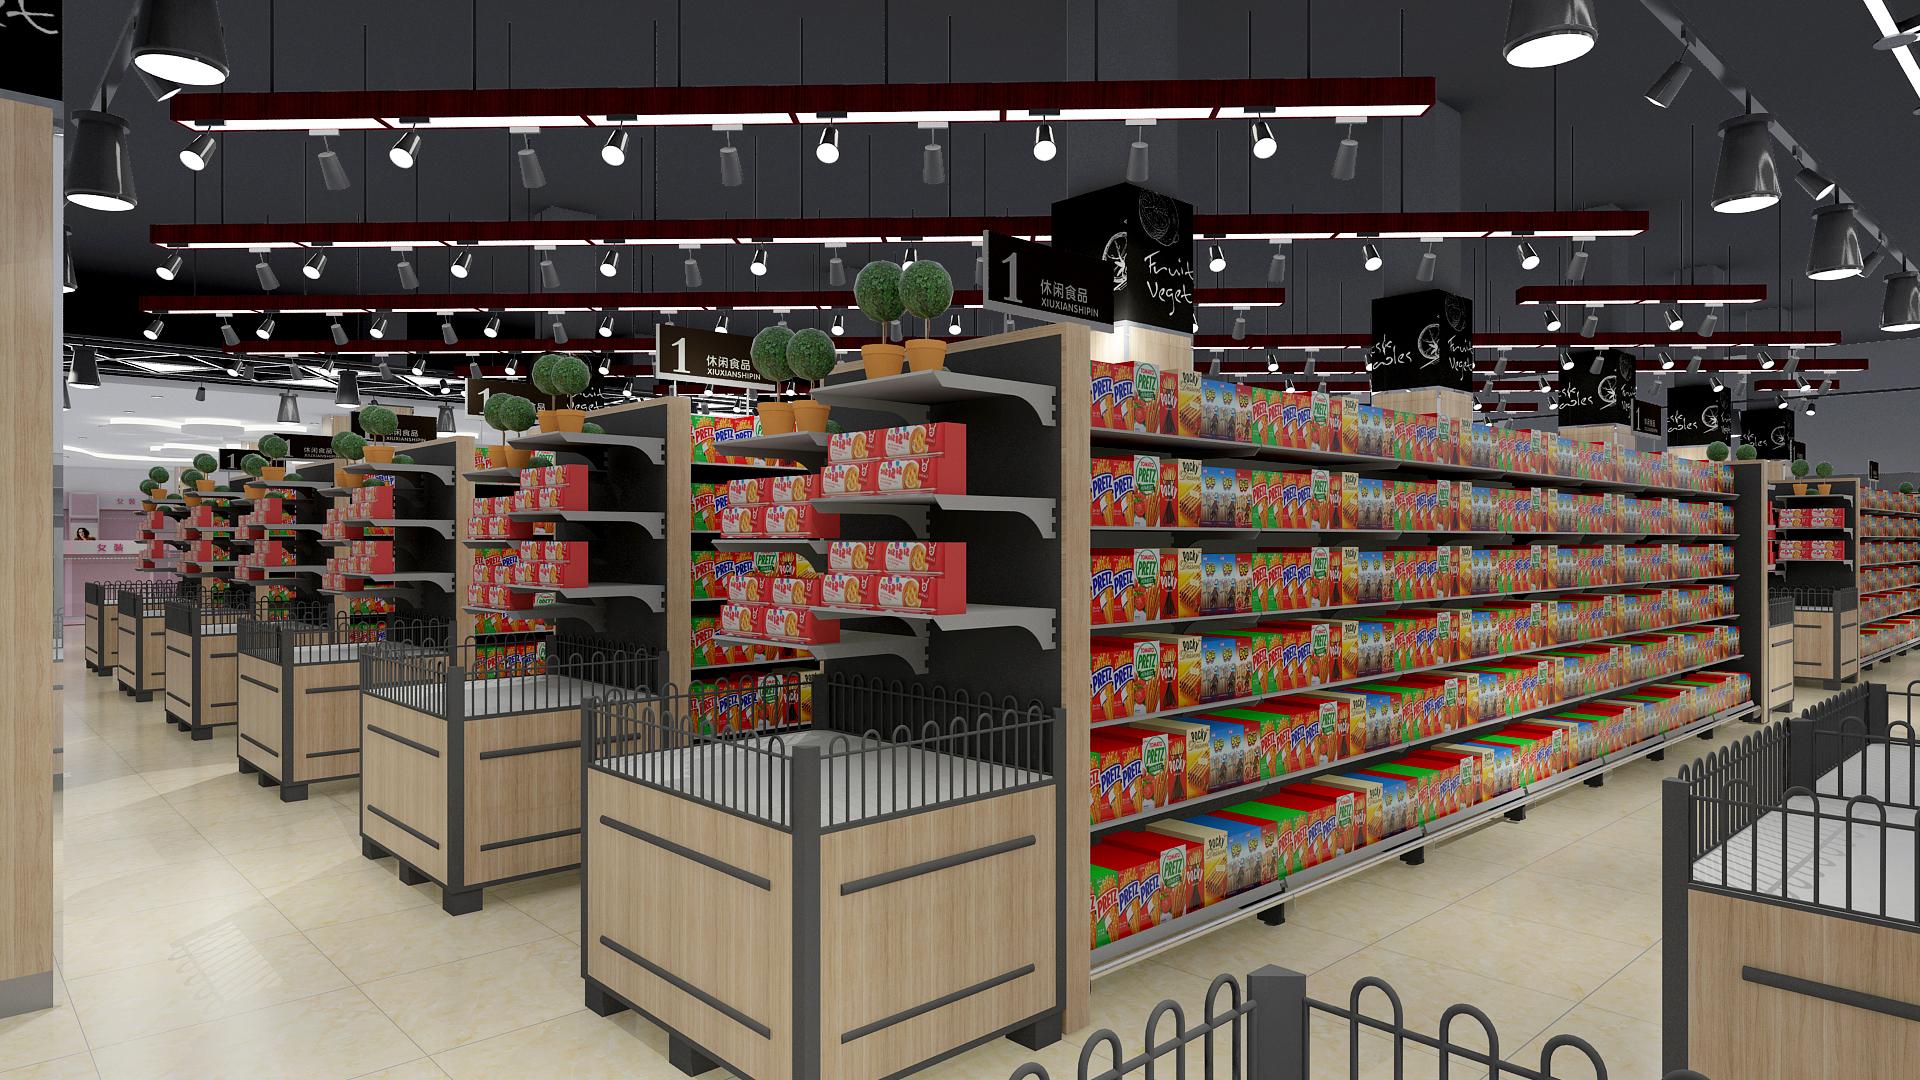 在挑选超市瓷砖的时候需要考虑哪些因素呢?